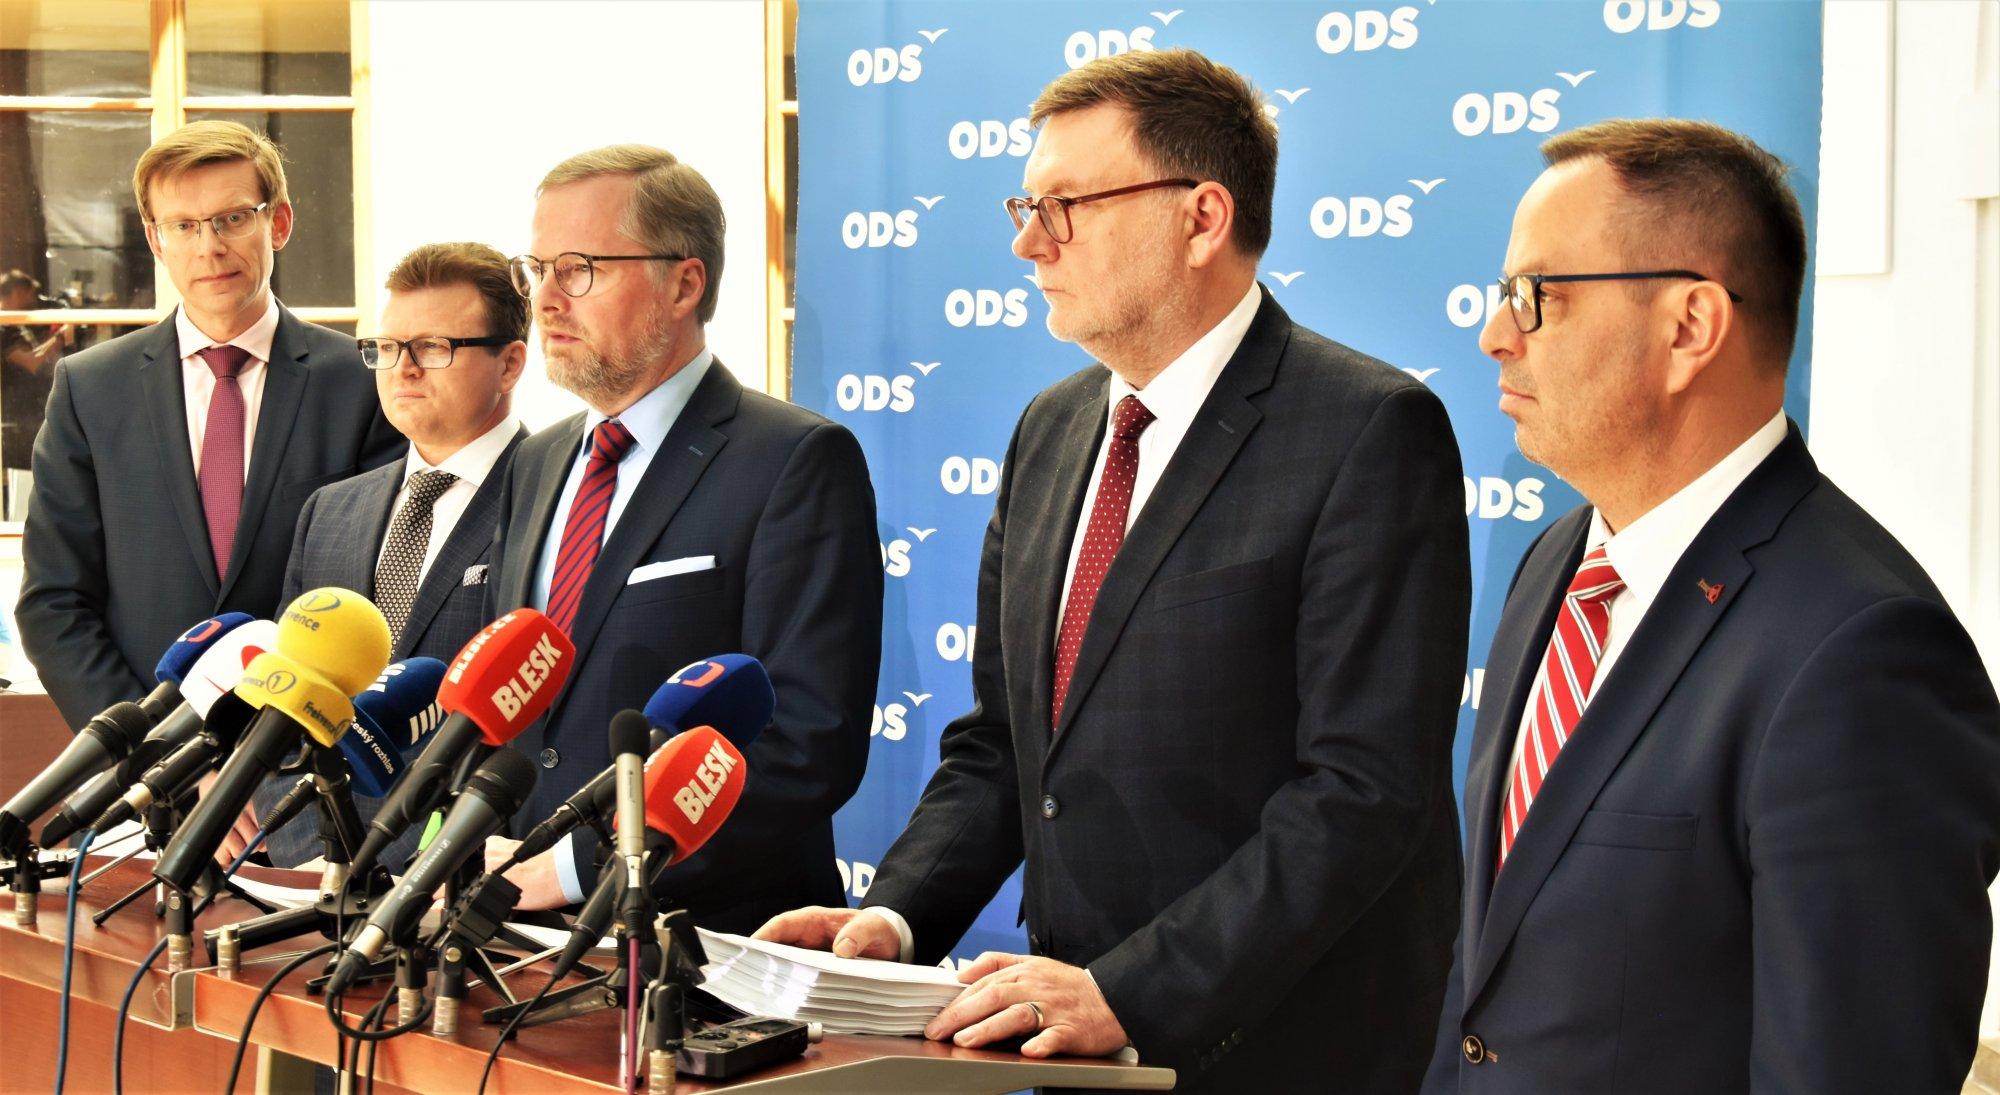 ODS: Musíme pomoci podnikatelům, živnostníkům a krajům, proto jsme iniciovali mimořádnou schůzi